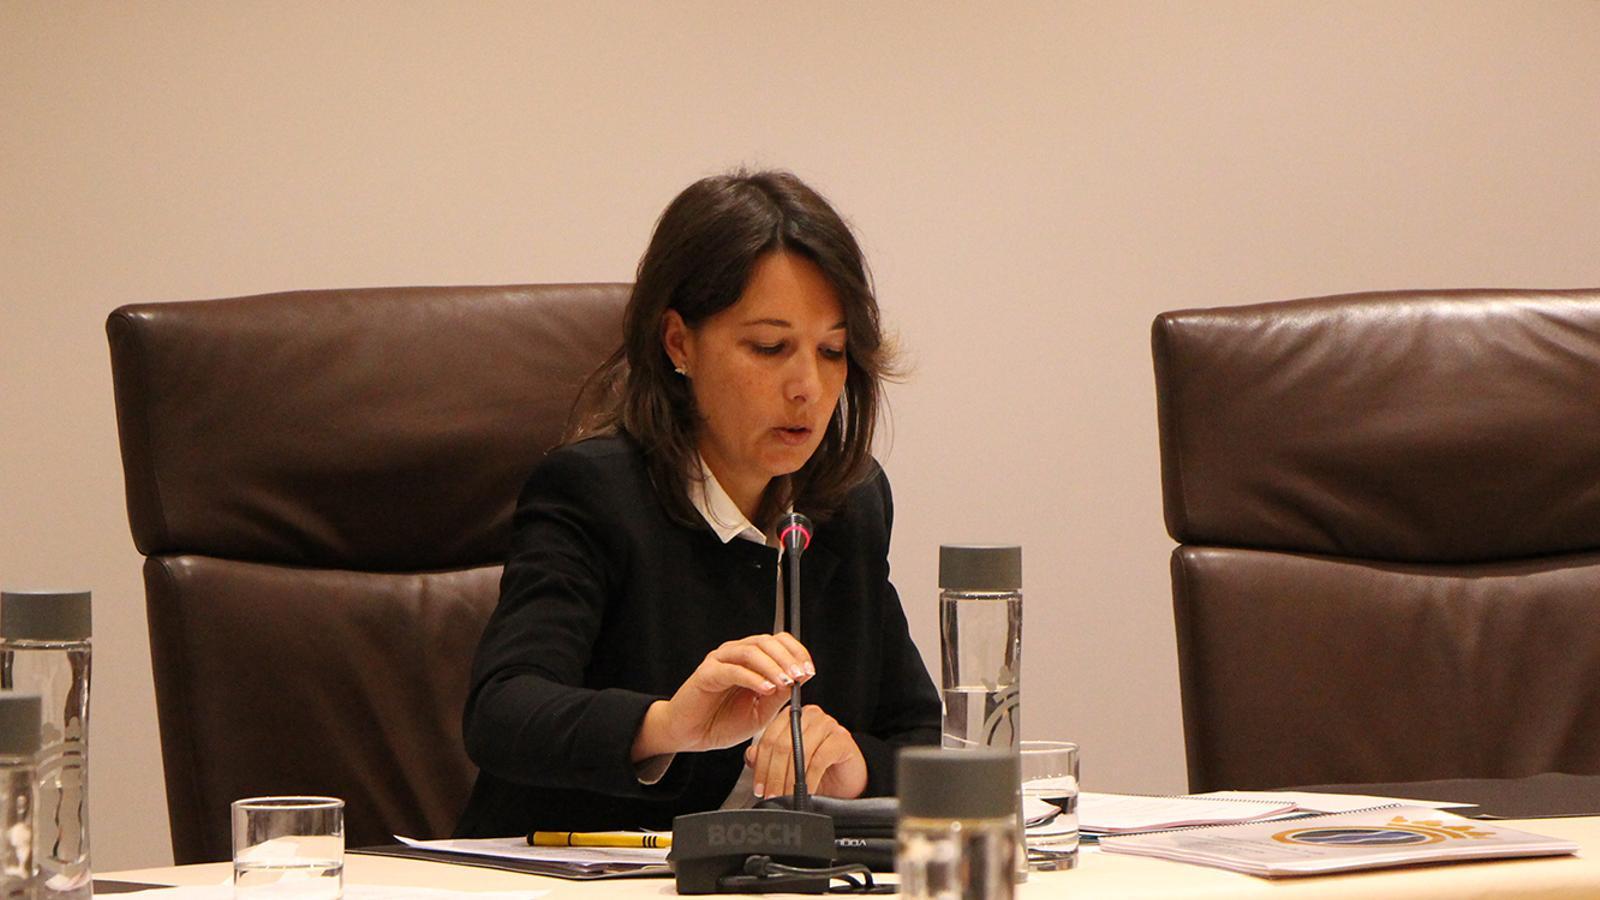 La consellera de Finances, Maika Nin, durant la sessió de consell de comú. / M. F. (ANA)